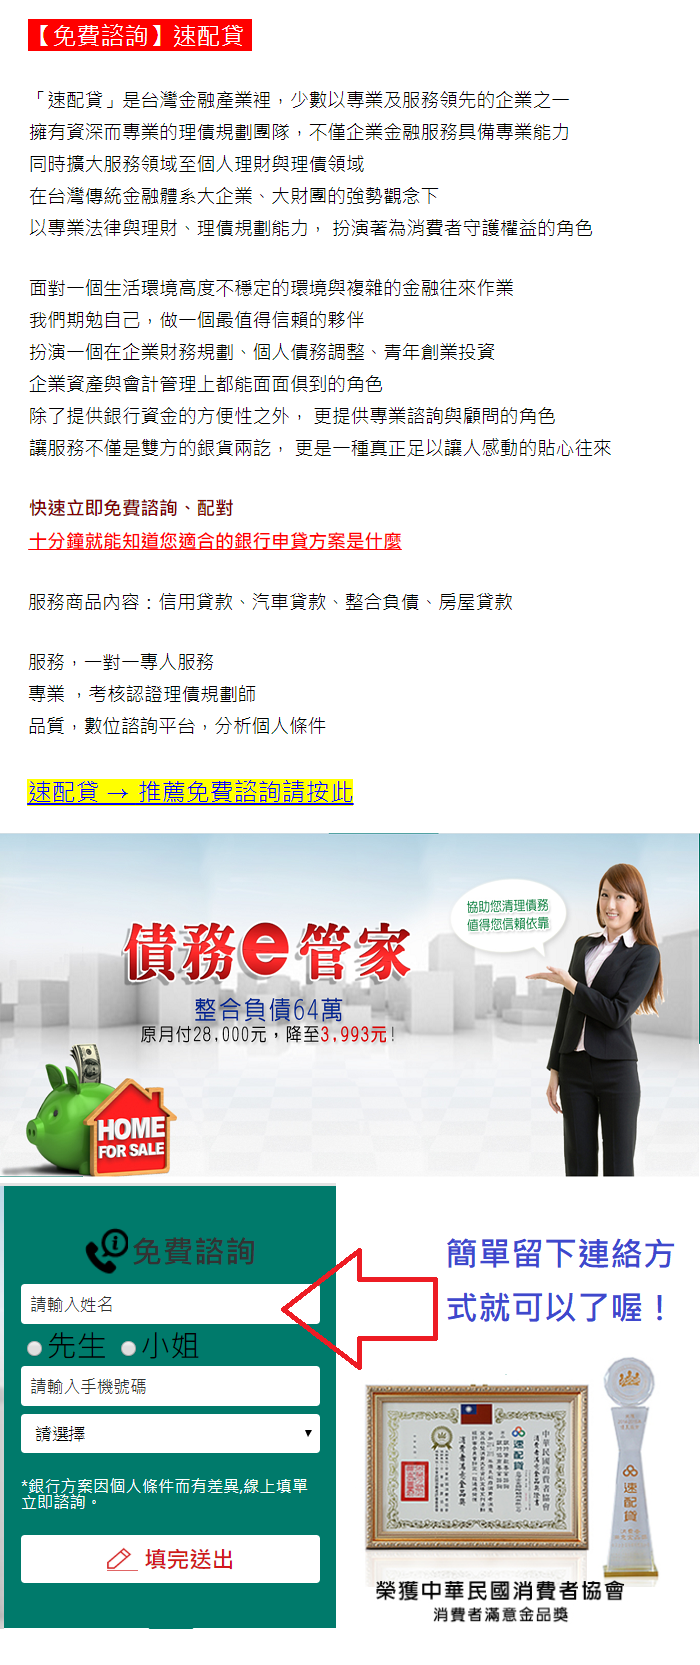 信用貸款流程方法